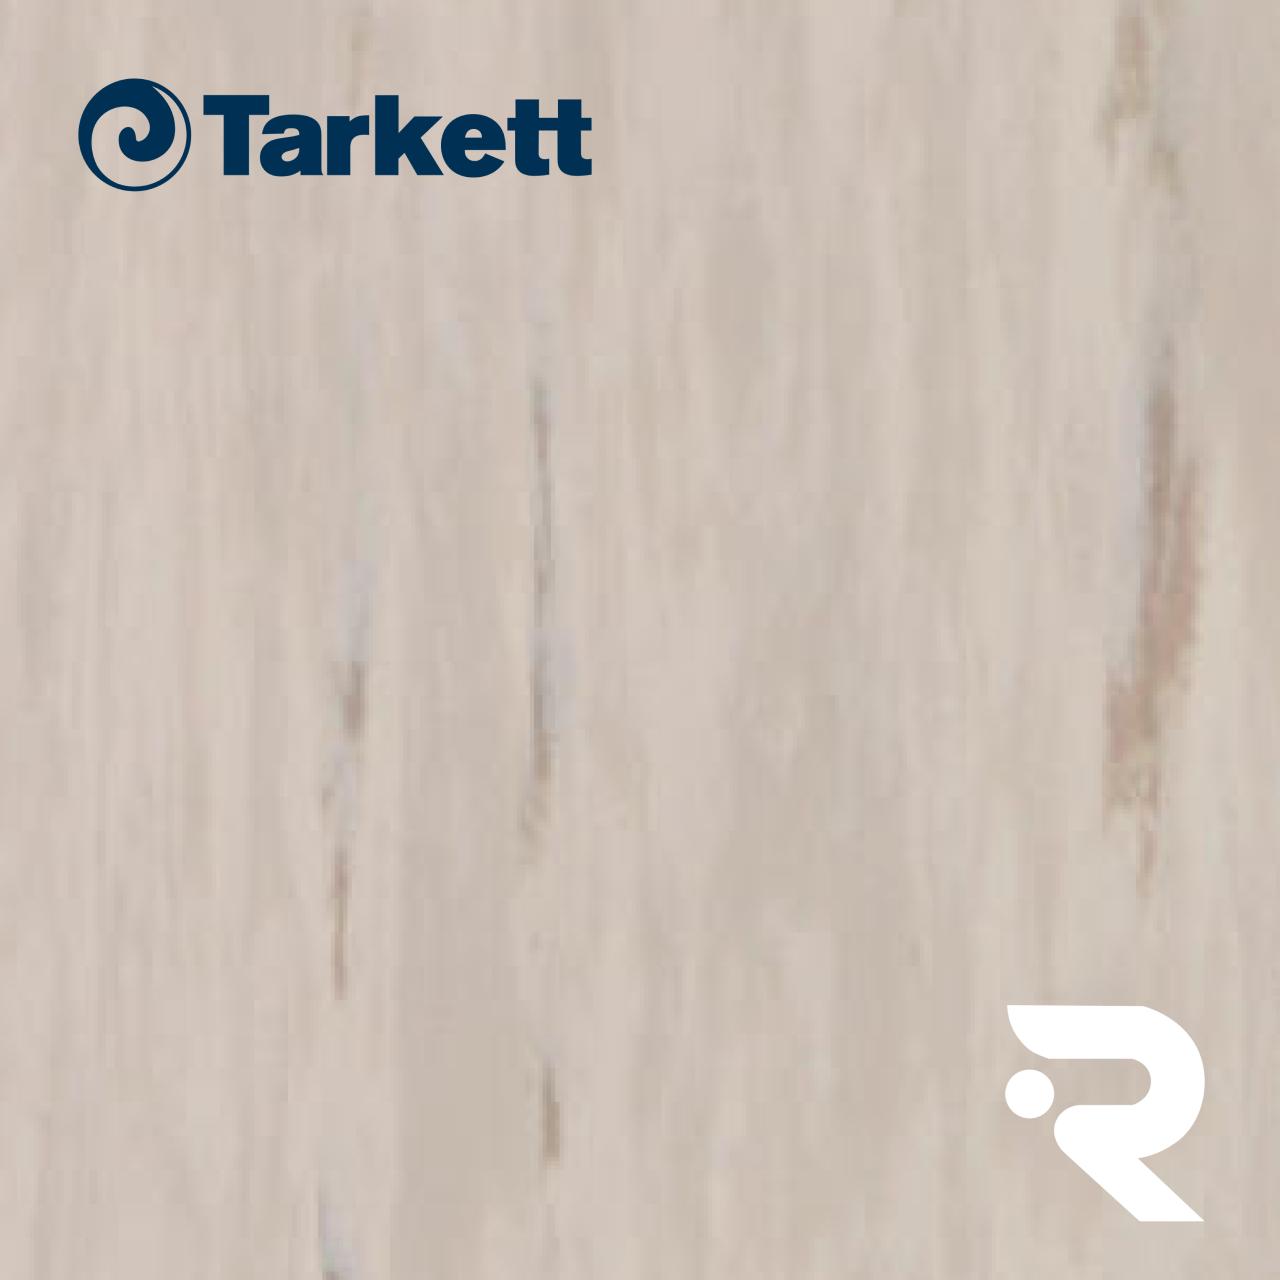 🏫 Гомогенний лінолеум Tarkett   Standard LIGHT WARM GREY 0910   Standard Plus 2.0 mm   2 х 23 м